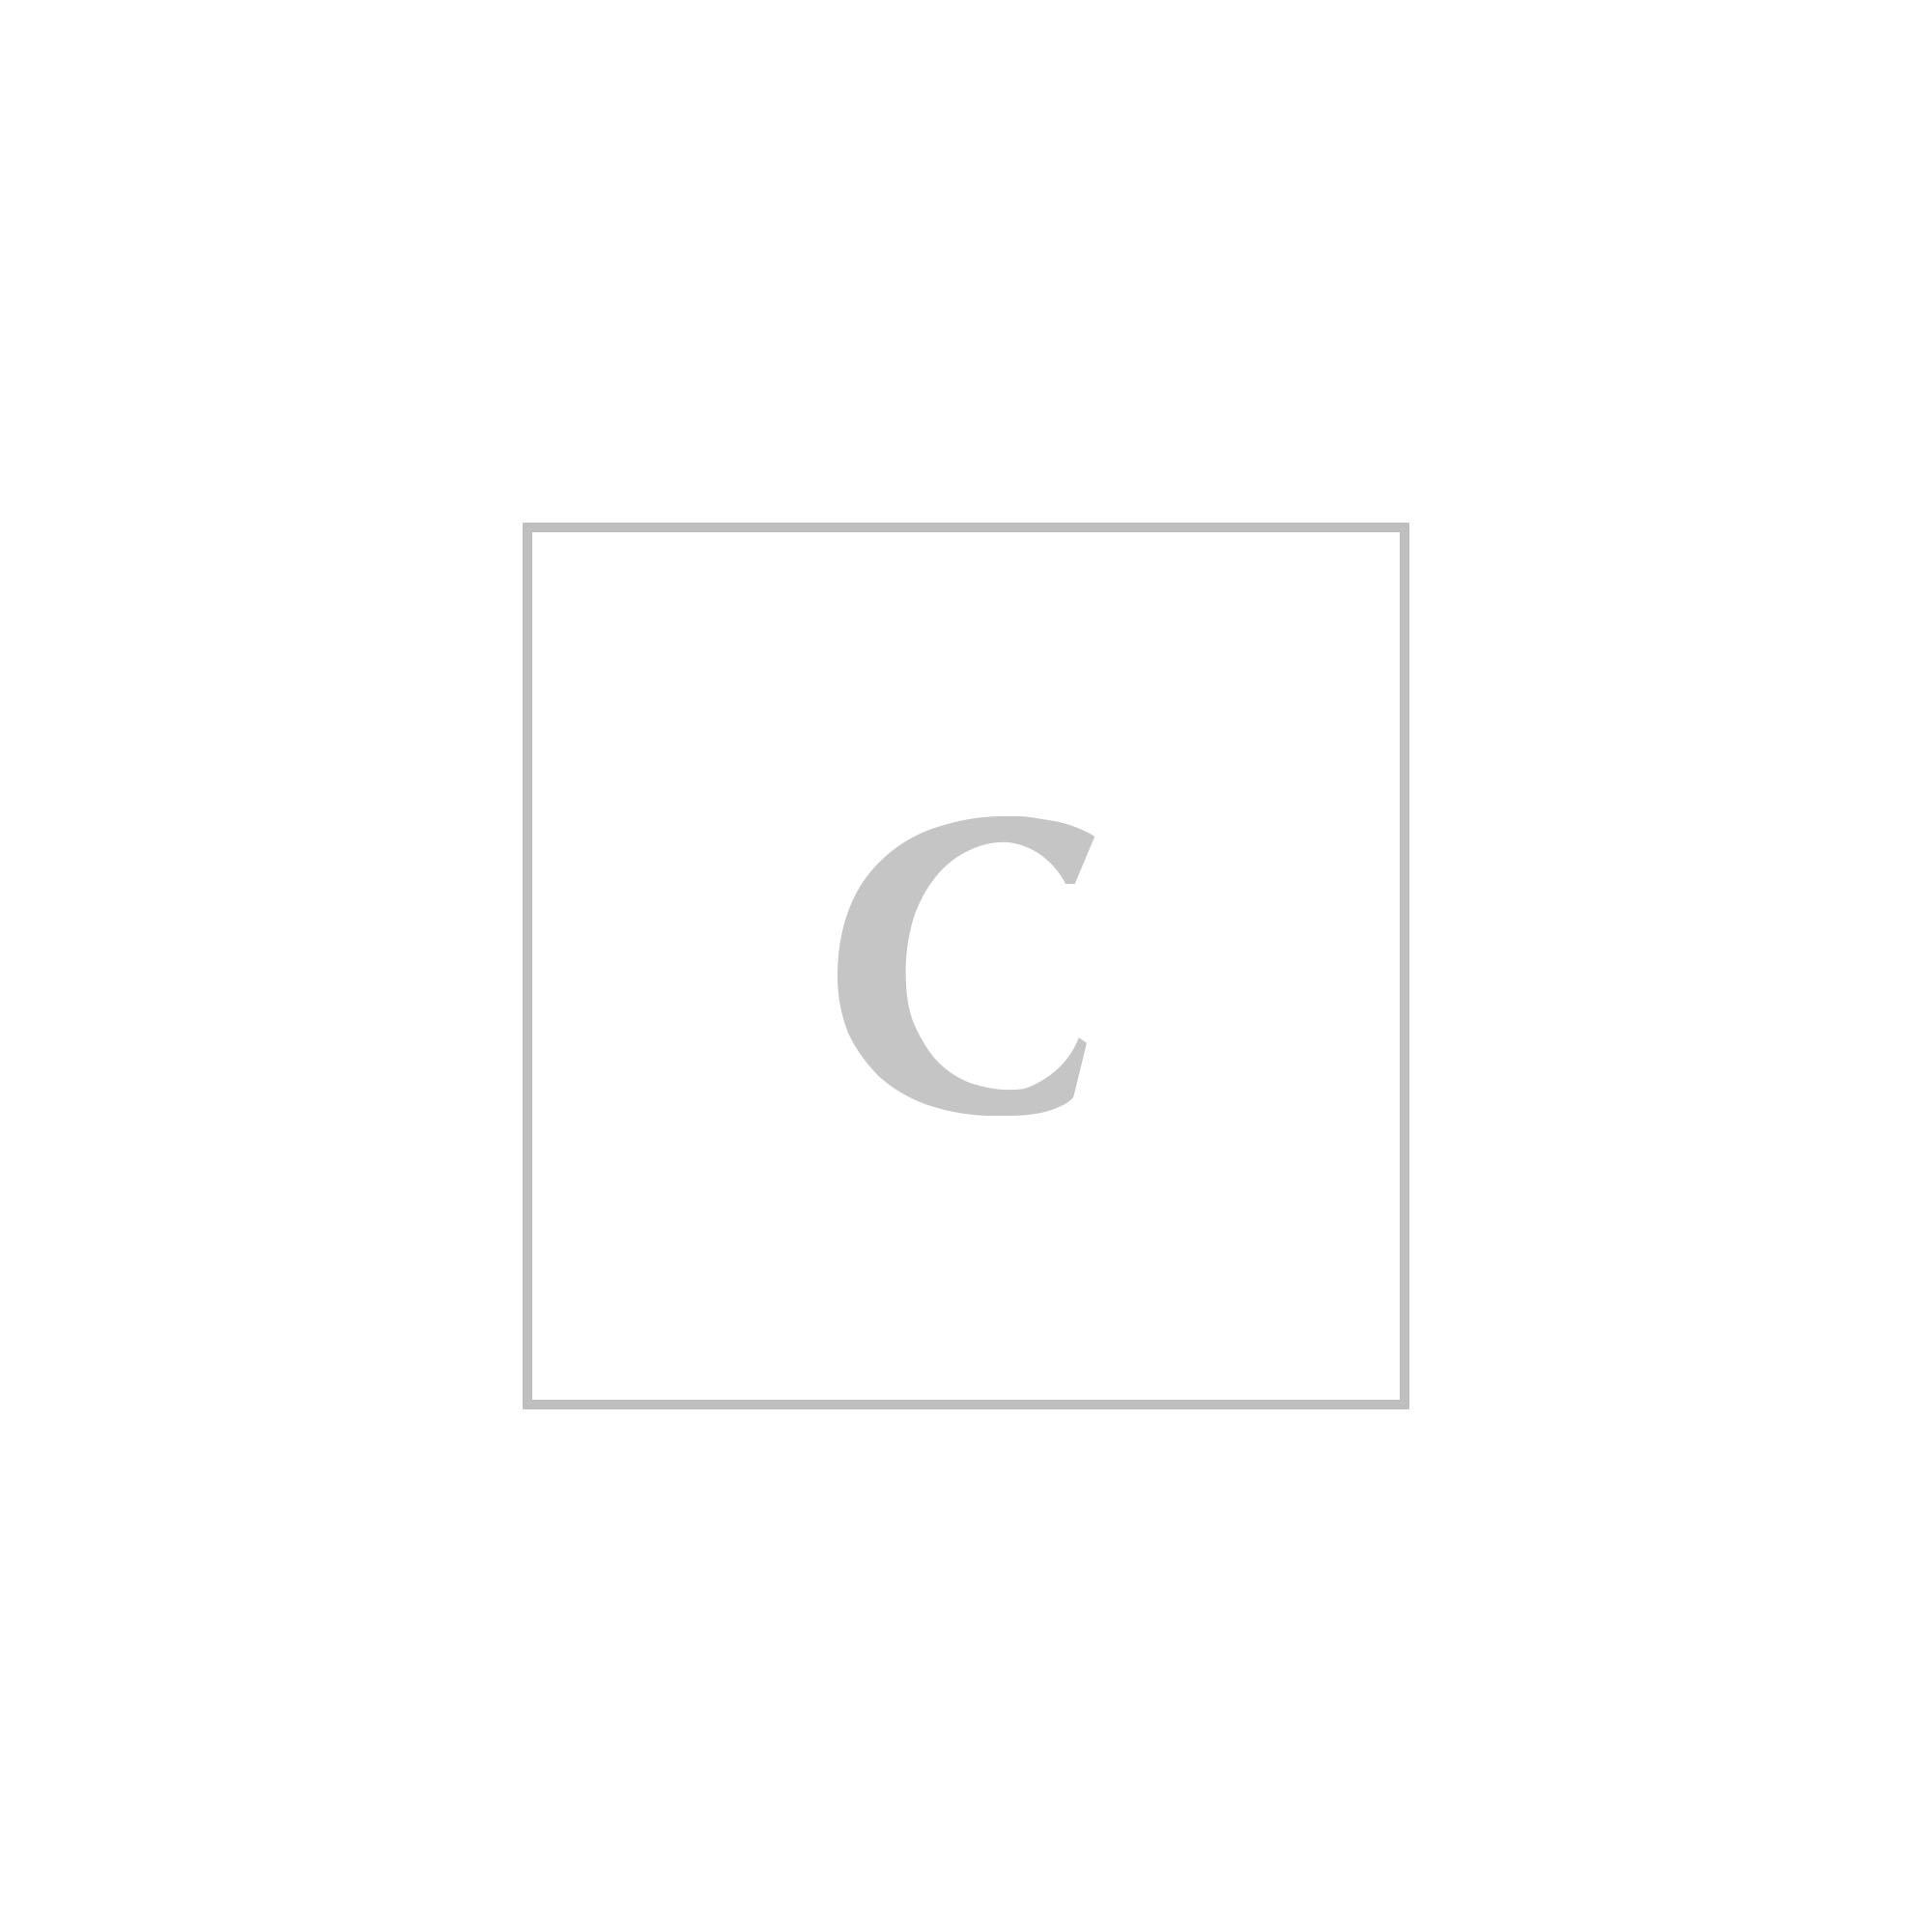 Capucci cappotto square